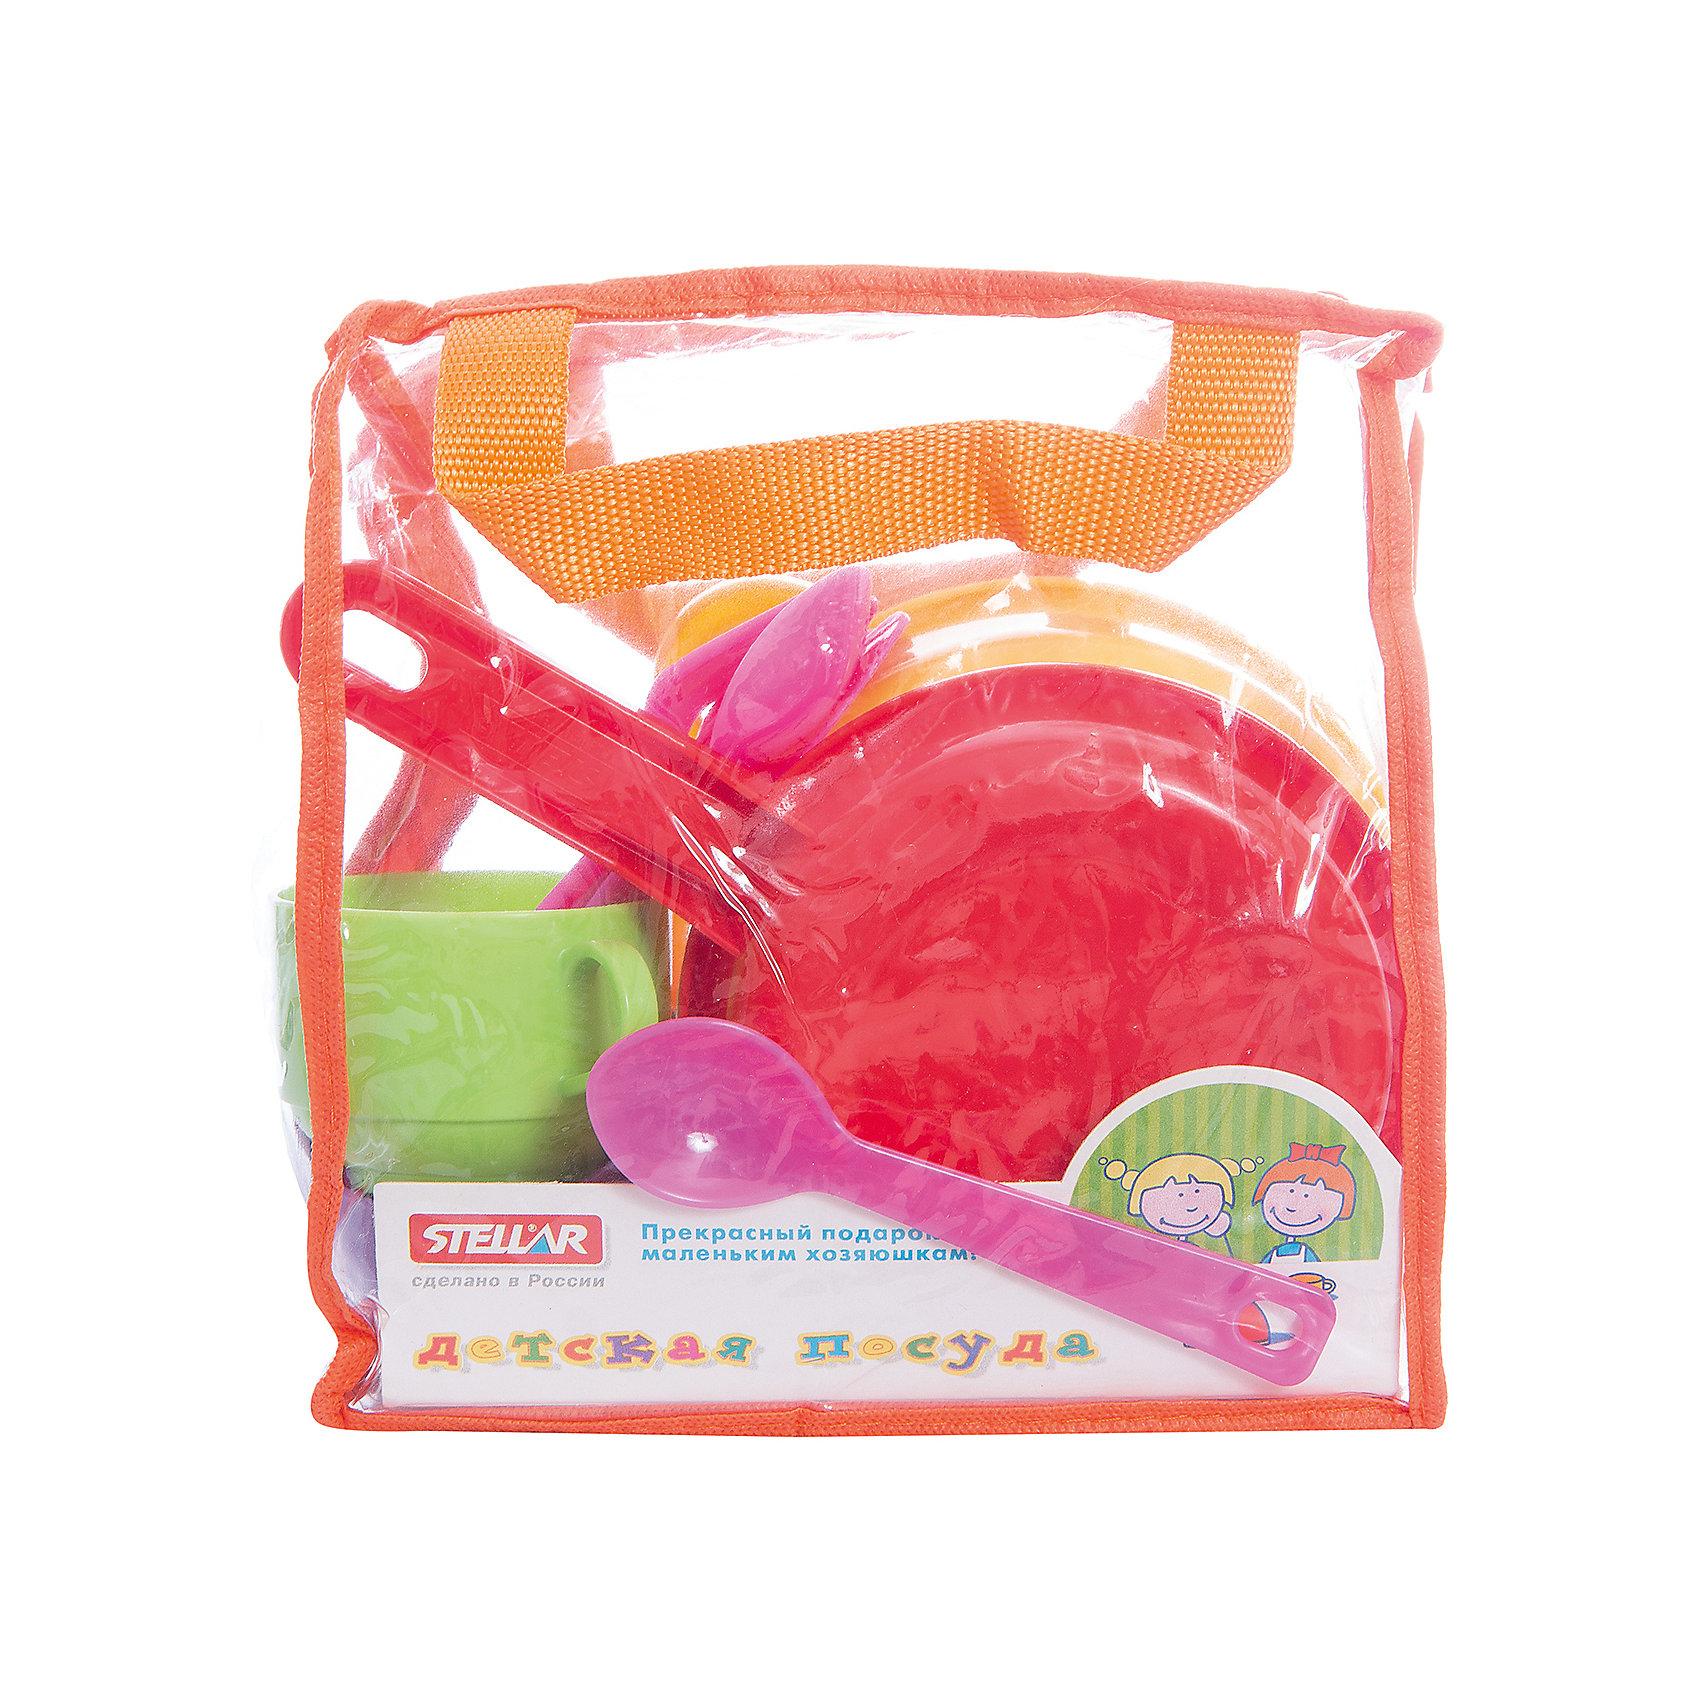 Стеллар Посуда  детская набор  №2Посуда и аксессуары для детской кухни<br>Набор посуды в сумочке из ПВХ. Сковорода, кастрюля, две больших глубоких тарелки, две кружки, два ножа, две вилки, две ложки.<br><br>Ширина мм: 200<br>Глубина мм: 200<br>Высота мм: 100<br>Вес г: 338<br>Возраст от месяцев: 36<br>Возраст до месяцев: 1188<br>Пол: Женский<br>Возраст: Детский<br>SKU: 2407107